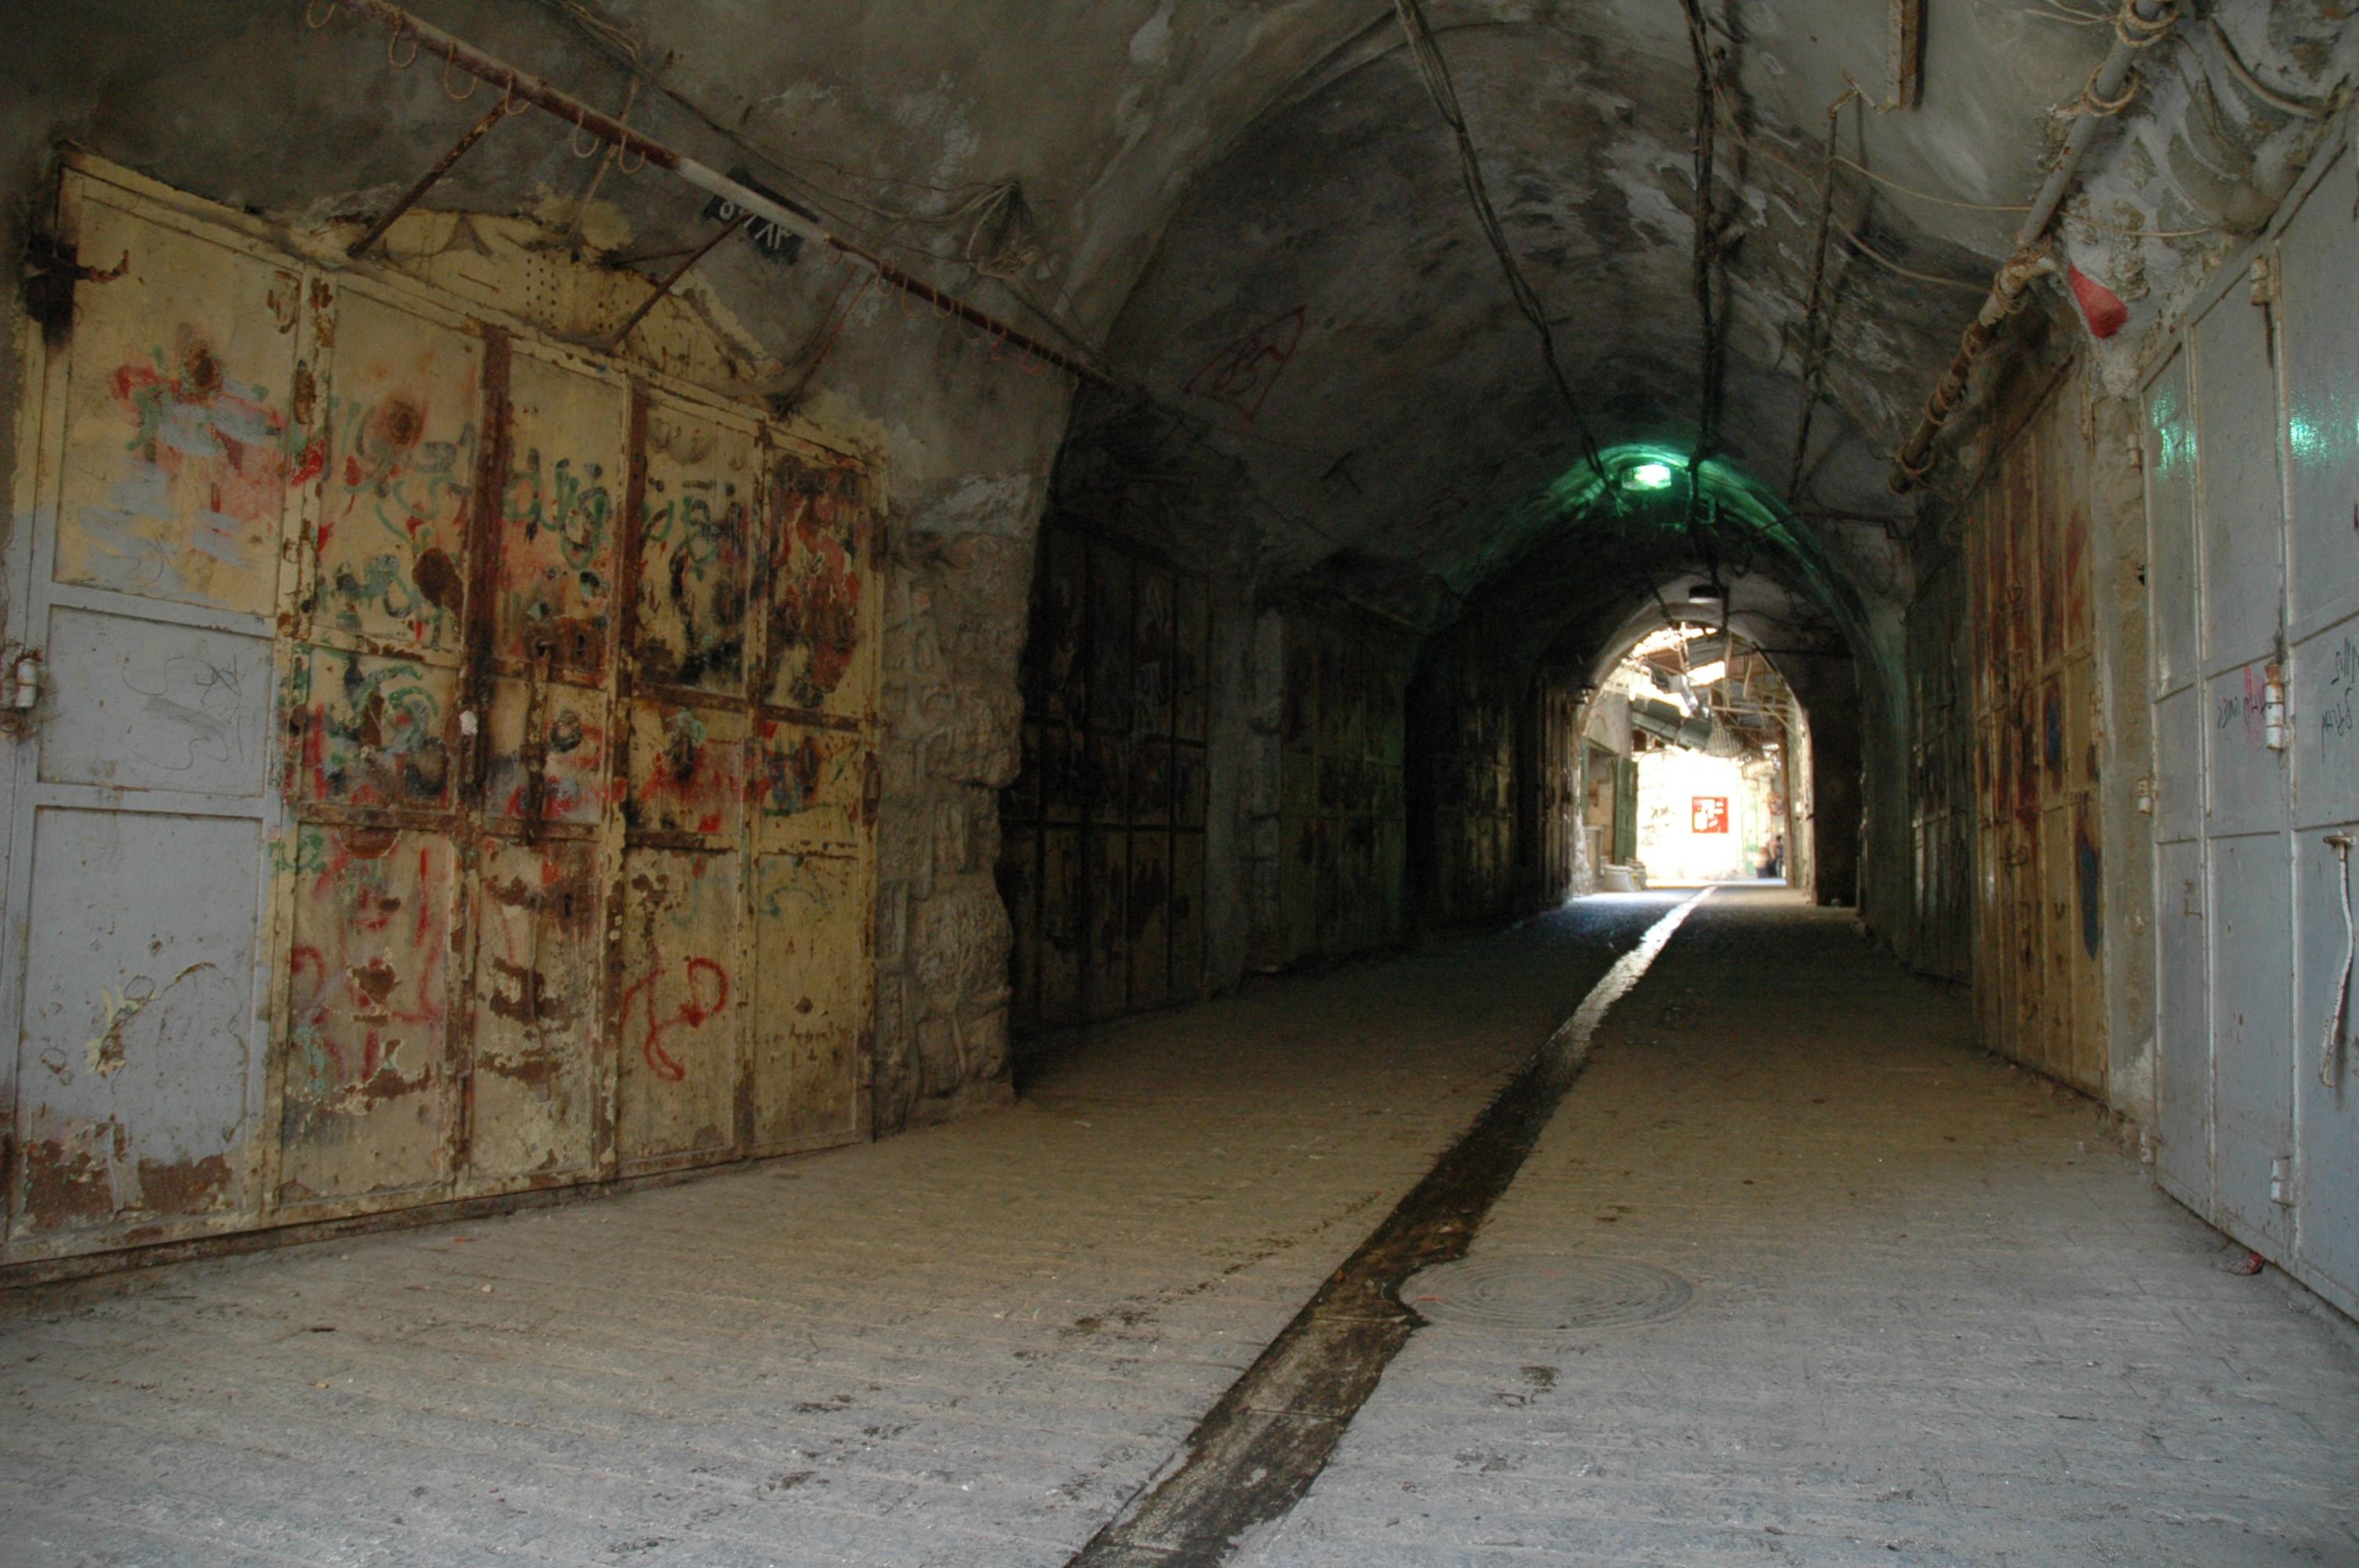 Файл: Заброшенные магазины в Hebron.jpg - Википедия